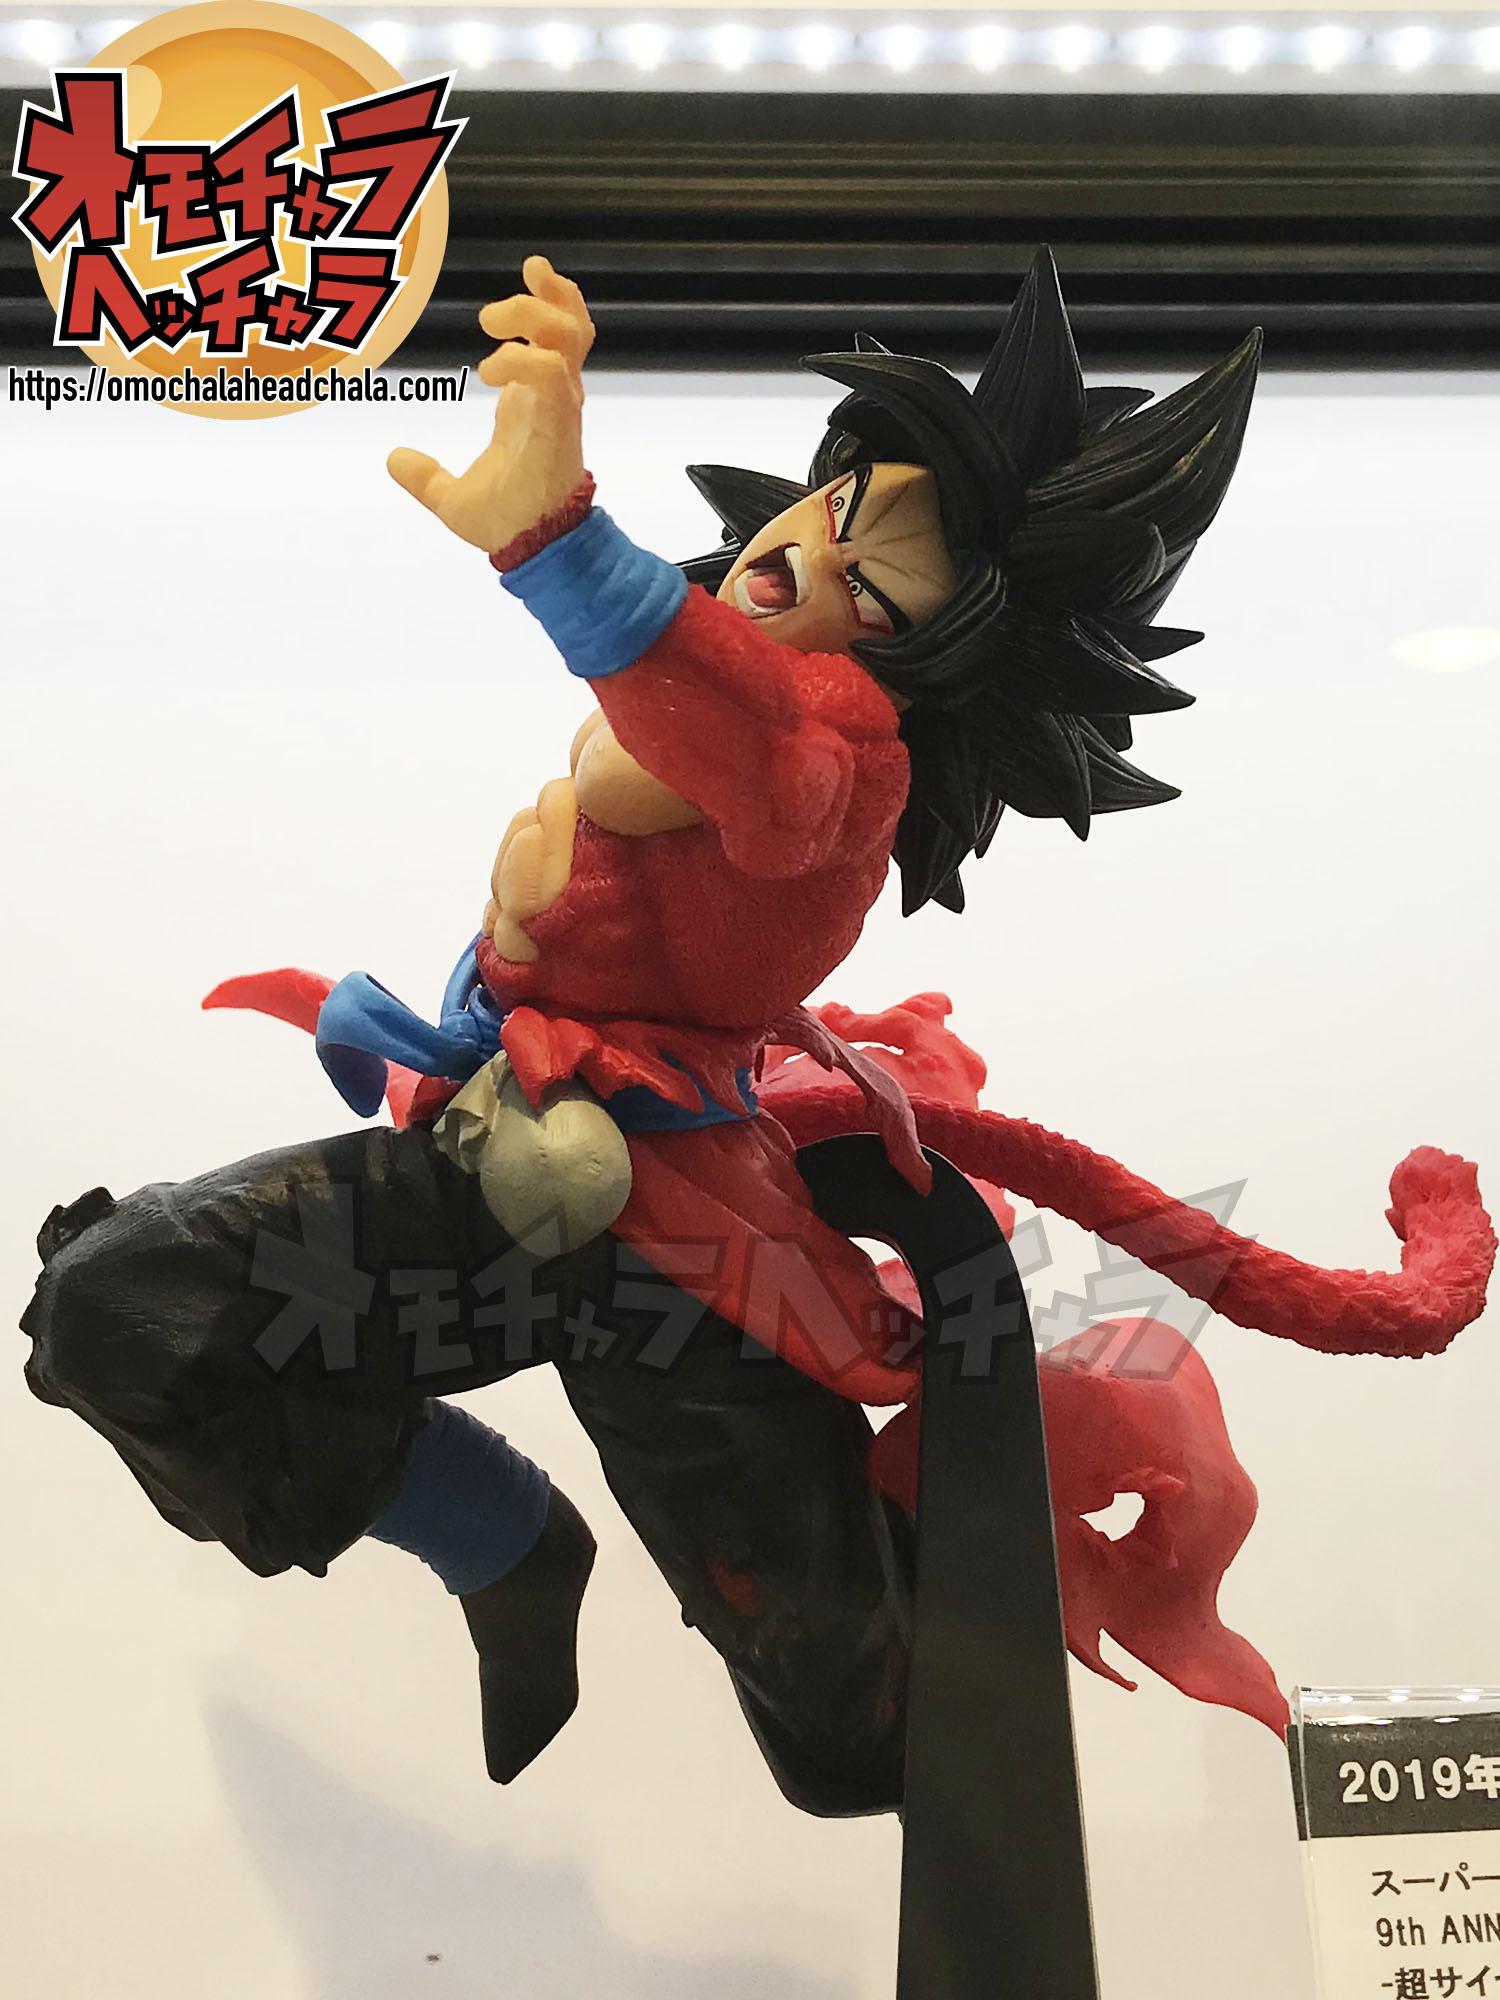 ドラゴンボールフィギュアレビューブログのスーパードラゴンボールヒーローズ 9th ANNIVERSARY FIGURE-超サイヤ人4孫悟空:ゼノ-